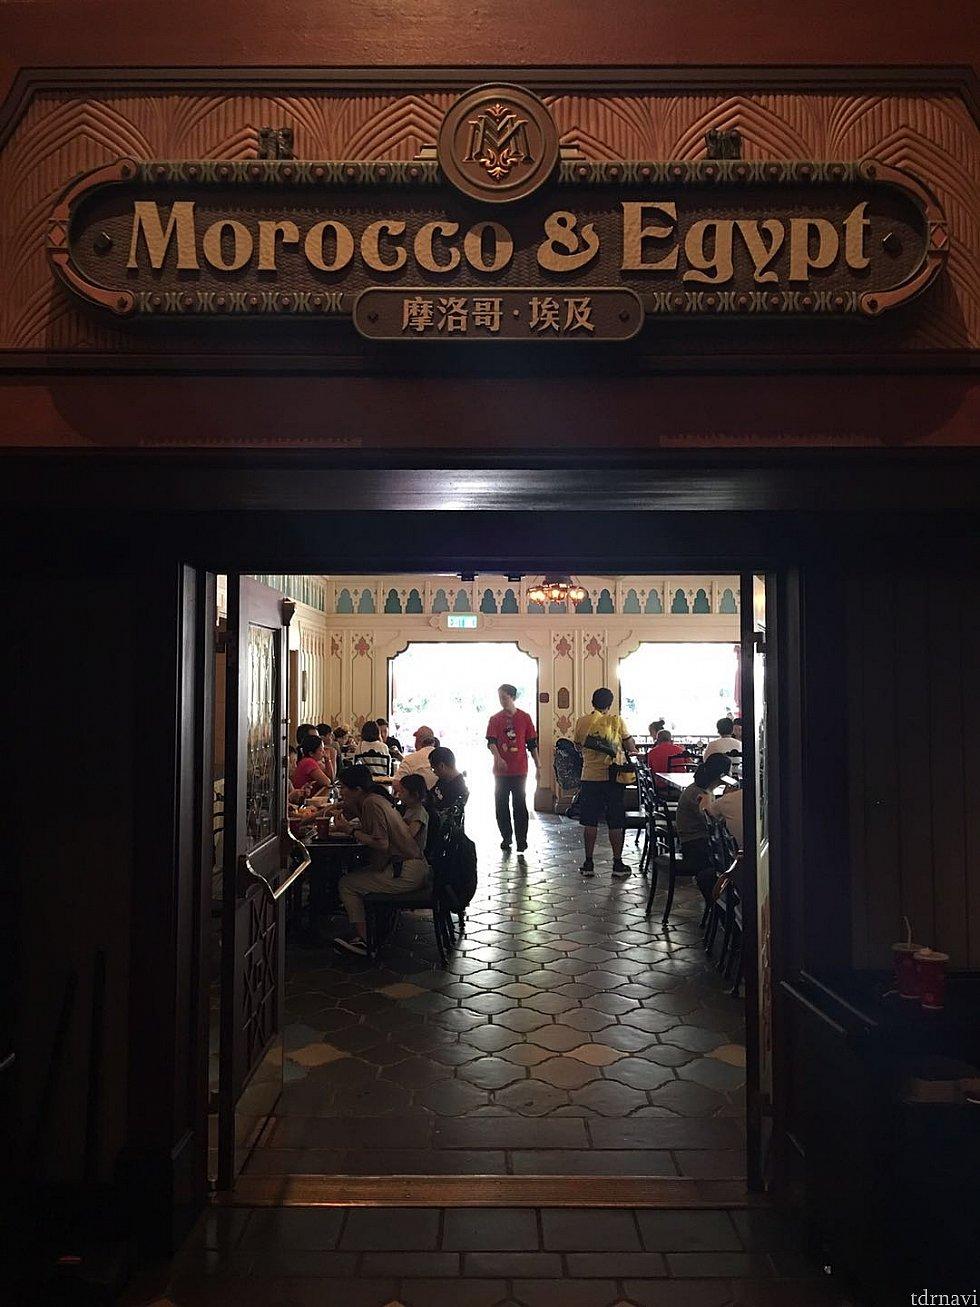 モロッコ&エジプトの部屋